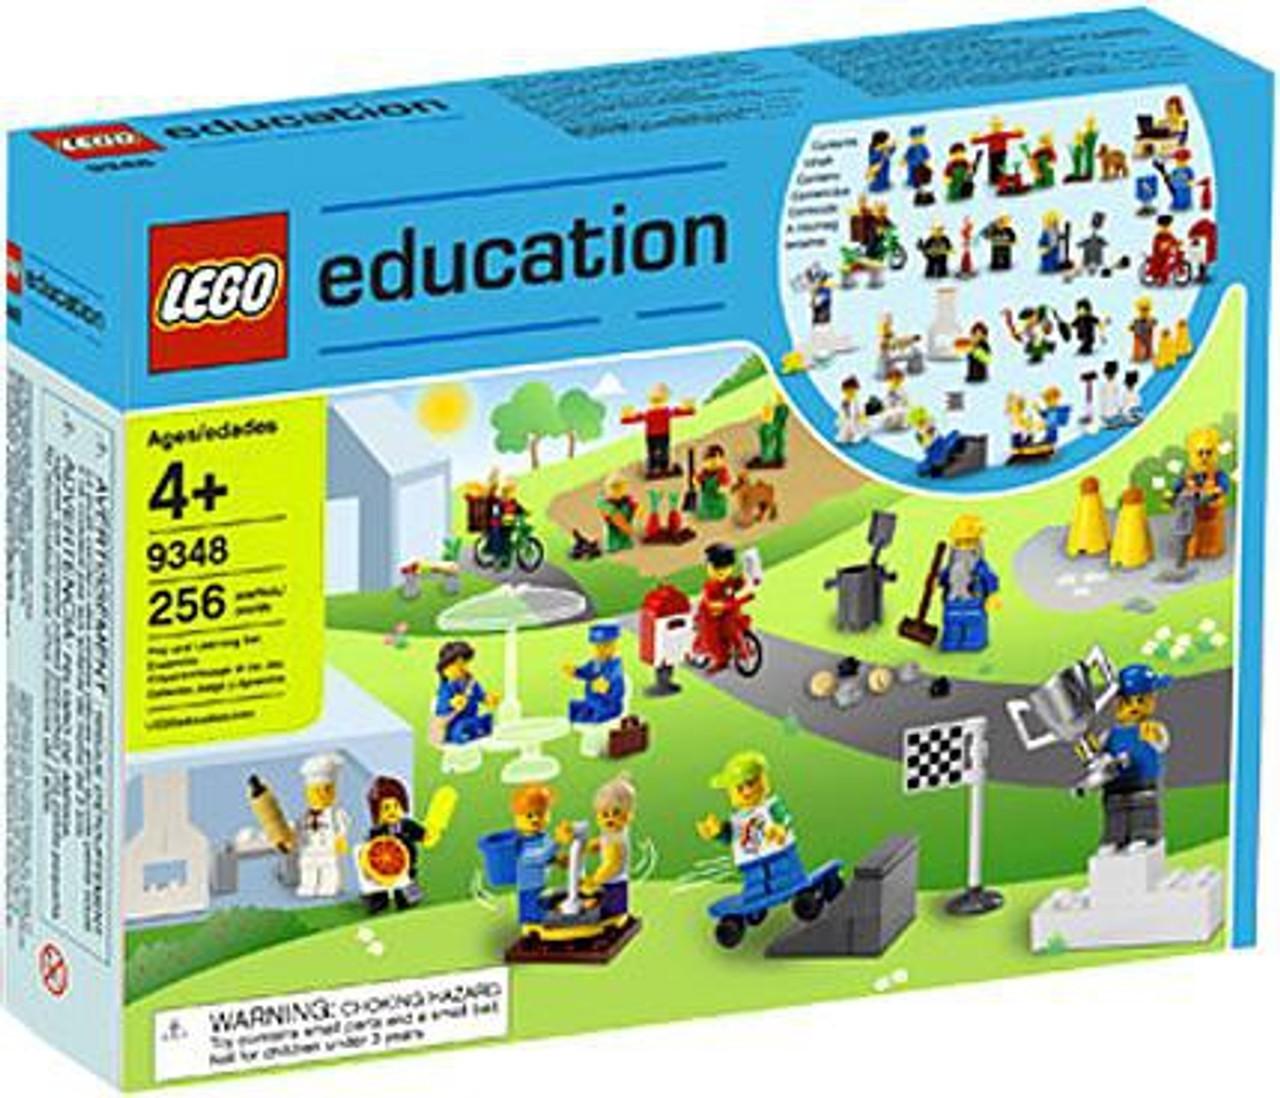 LEGO Education Community Minifigures Set #9348